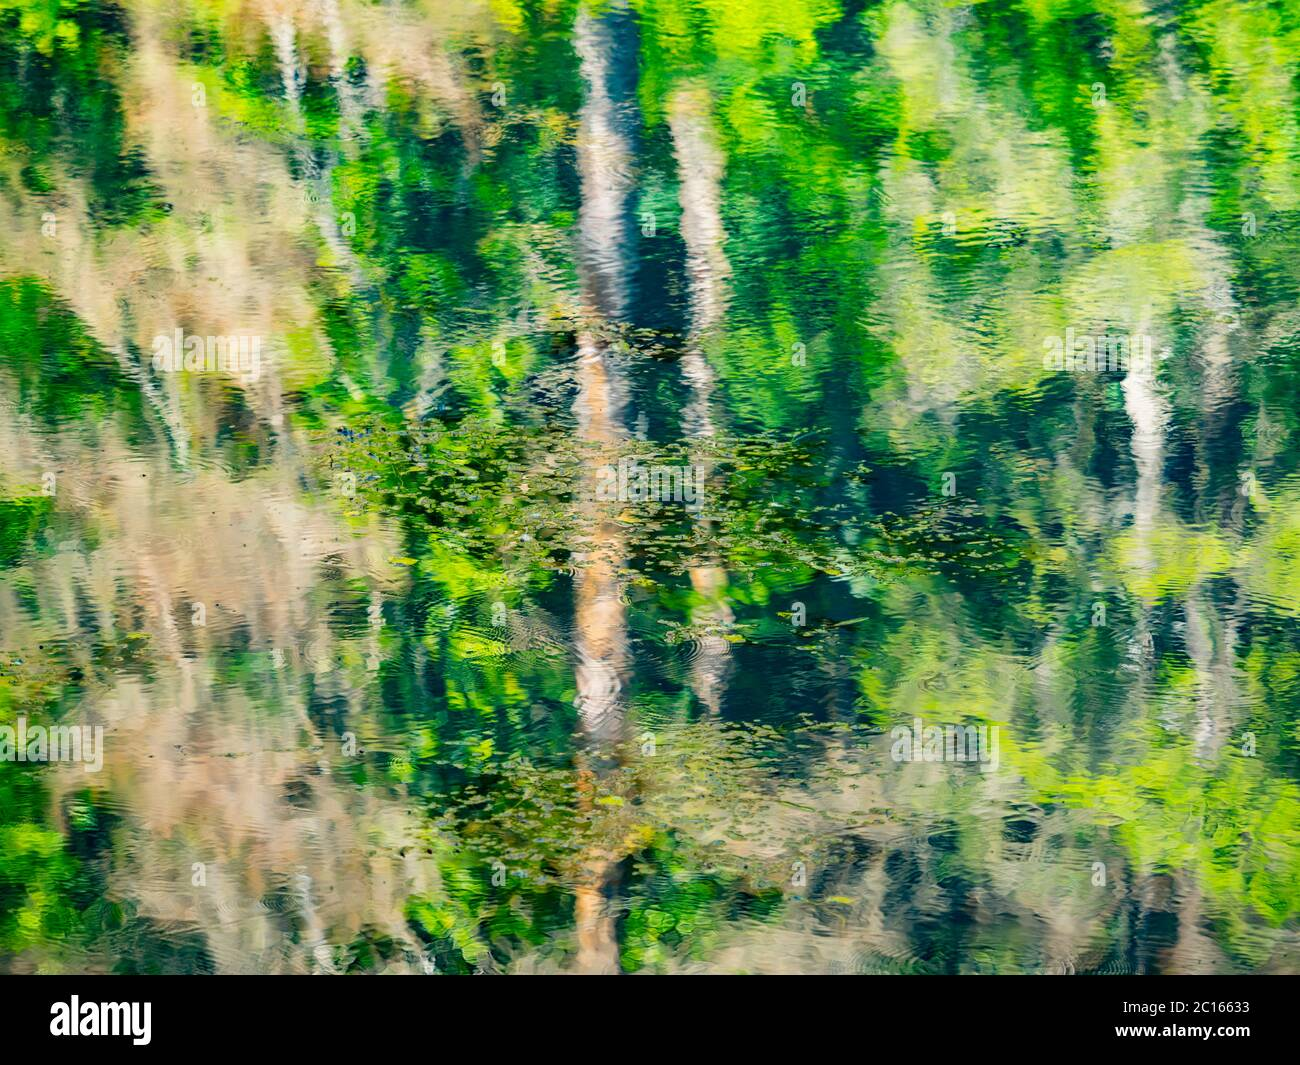 Lac avec cascade et ancienne scierie et moulin à eau abandonnée Cogrljevo jezero Croatie Europe réflexions presque artistiques de l'eau de la forêt de Green Spring Banque D'Images